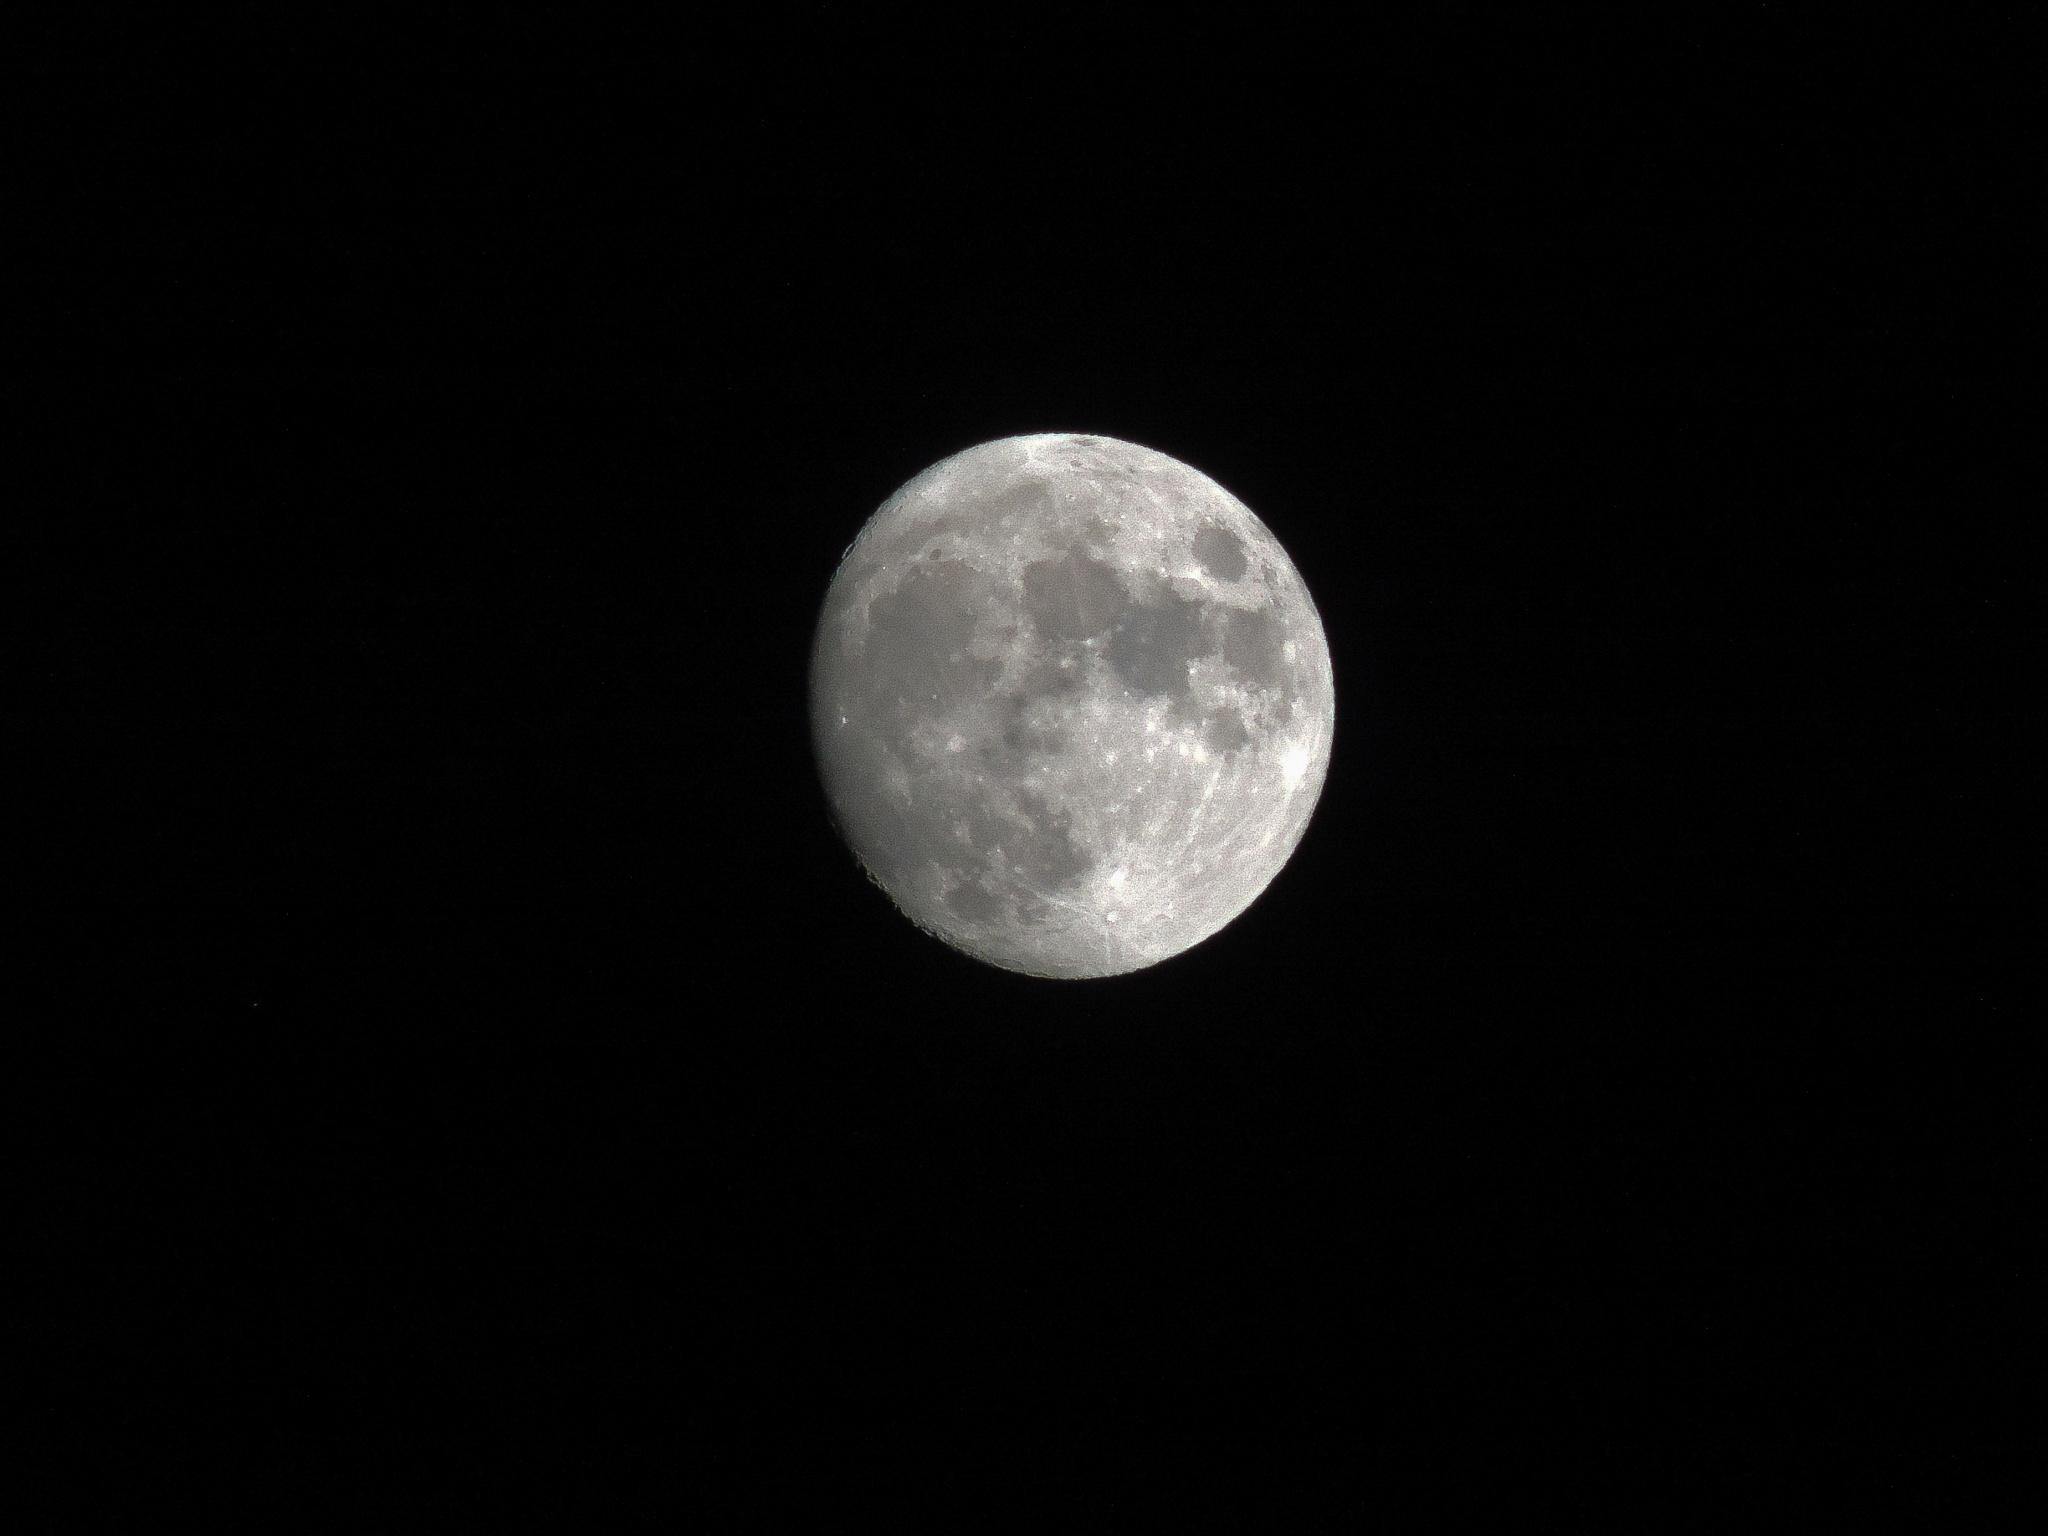 Moon by Dan Wright